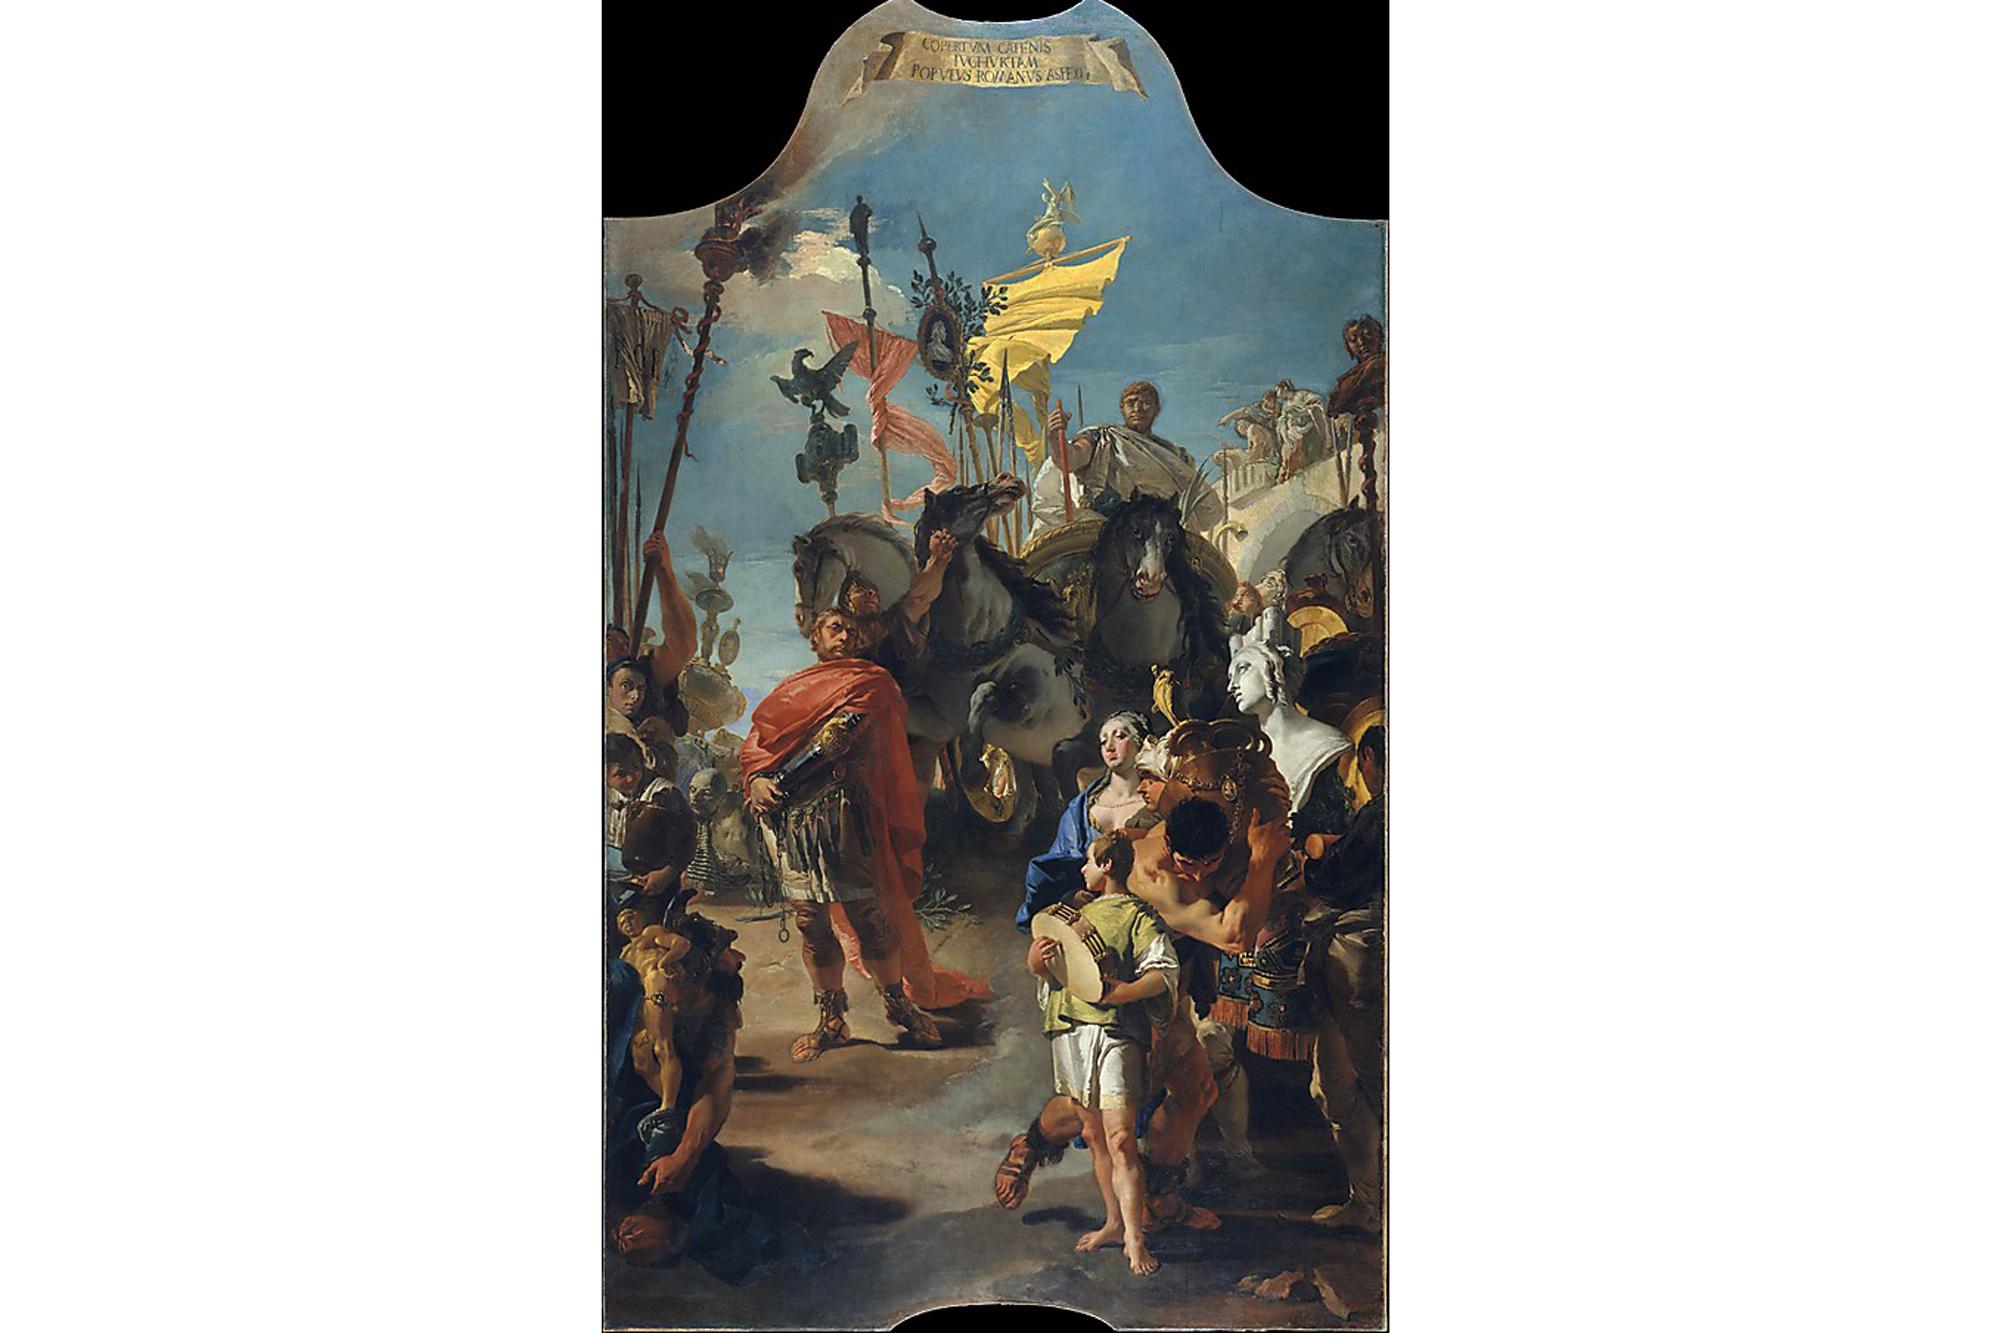 Giovanni battista tiepolo the triumph of marius 1729